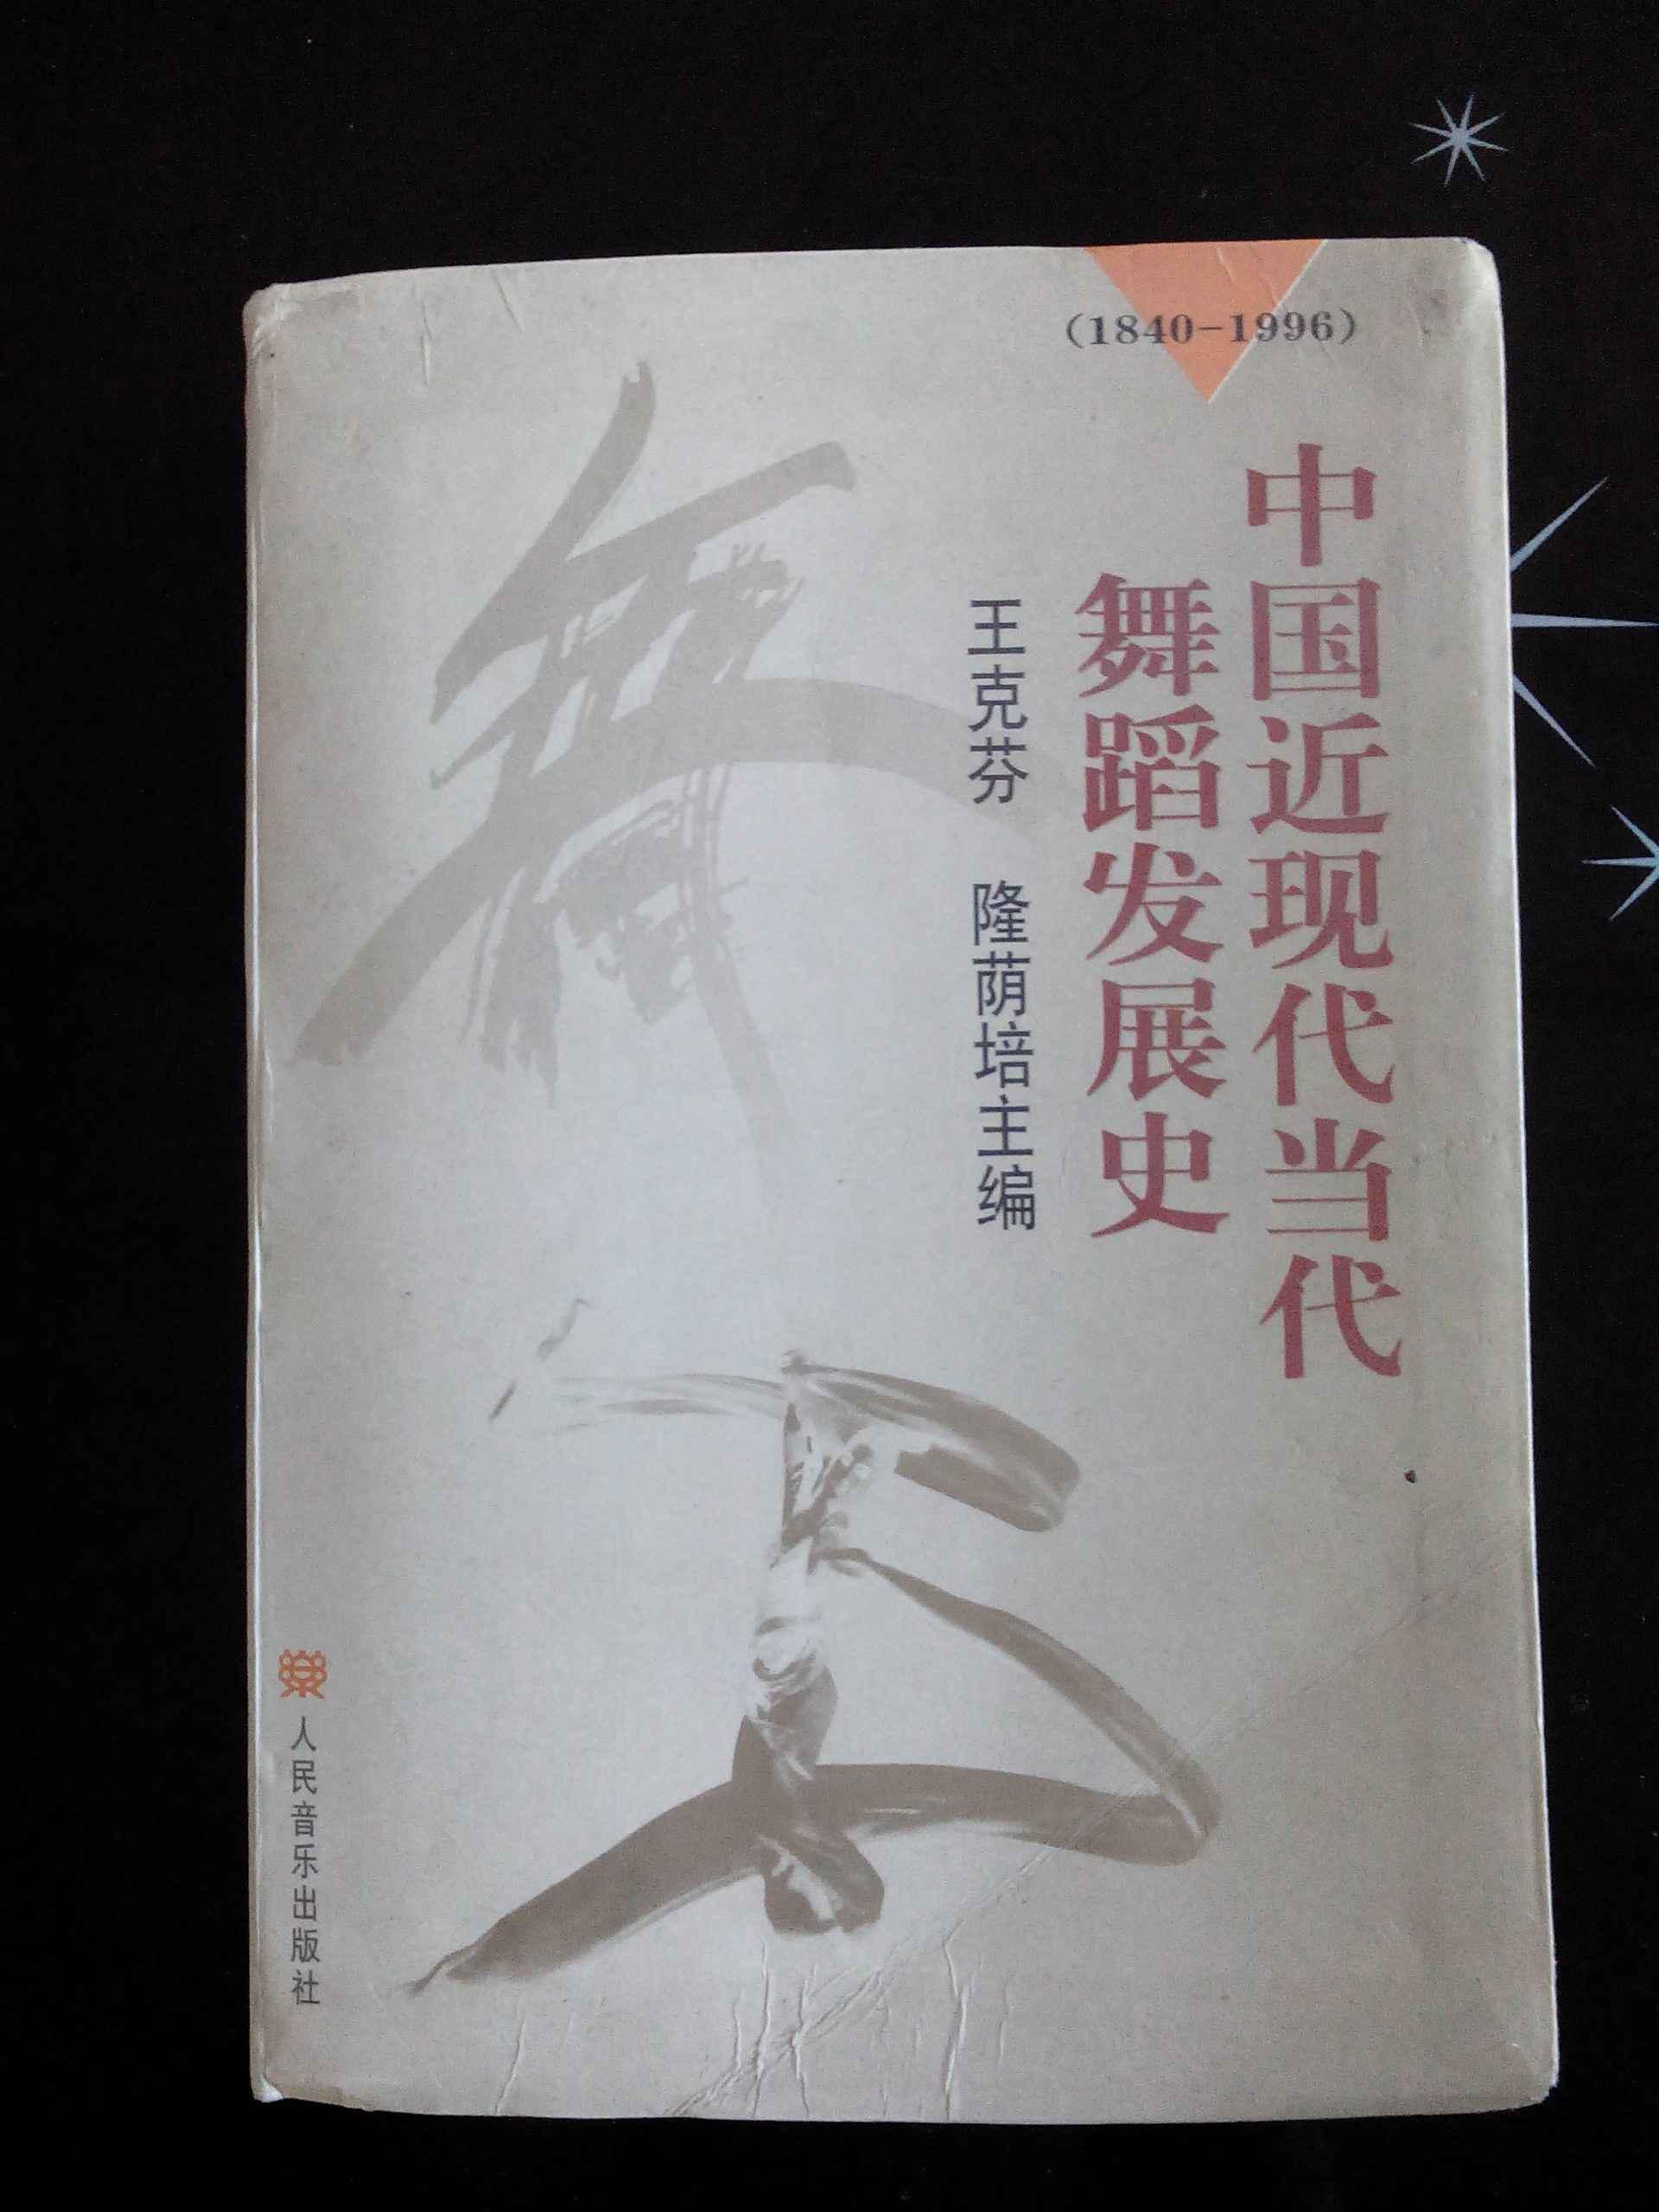 中国近现代当代舞蹈发展史【1840-1996】